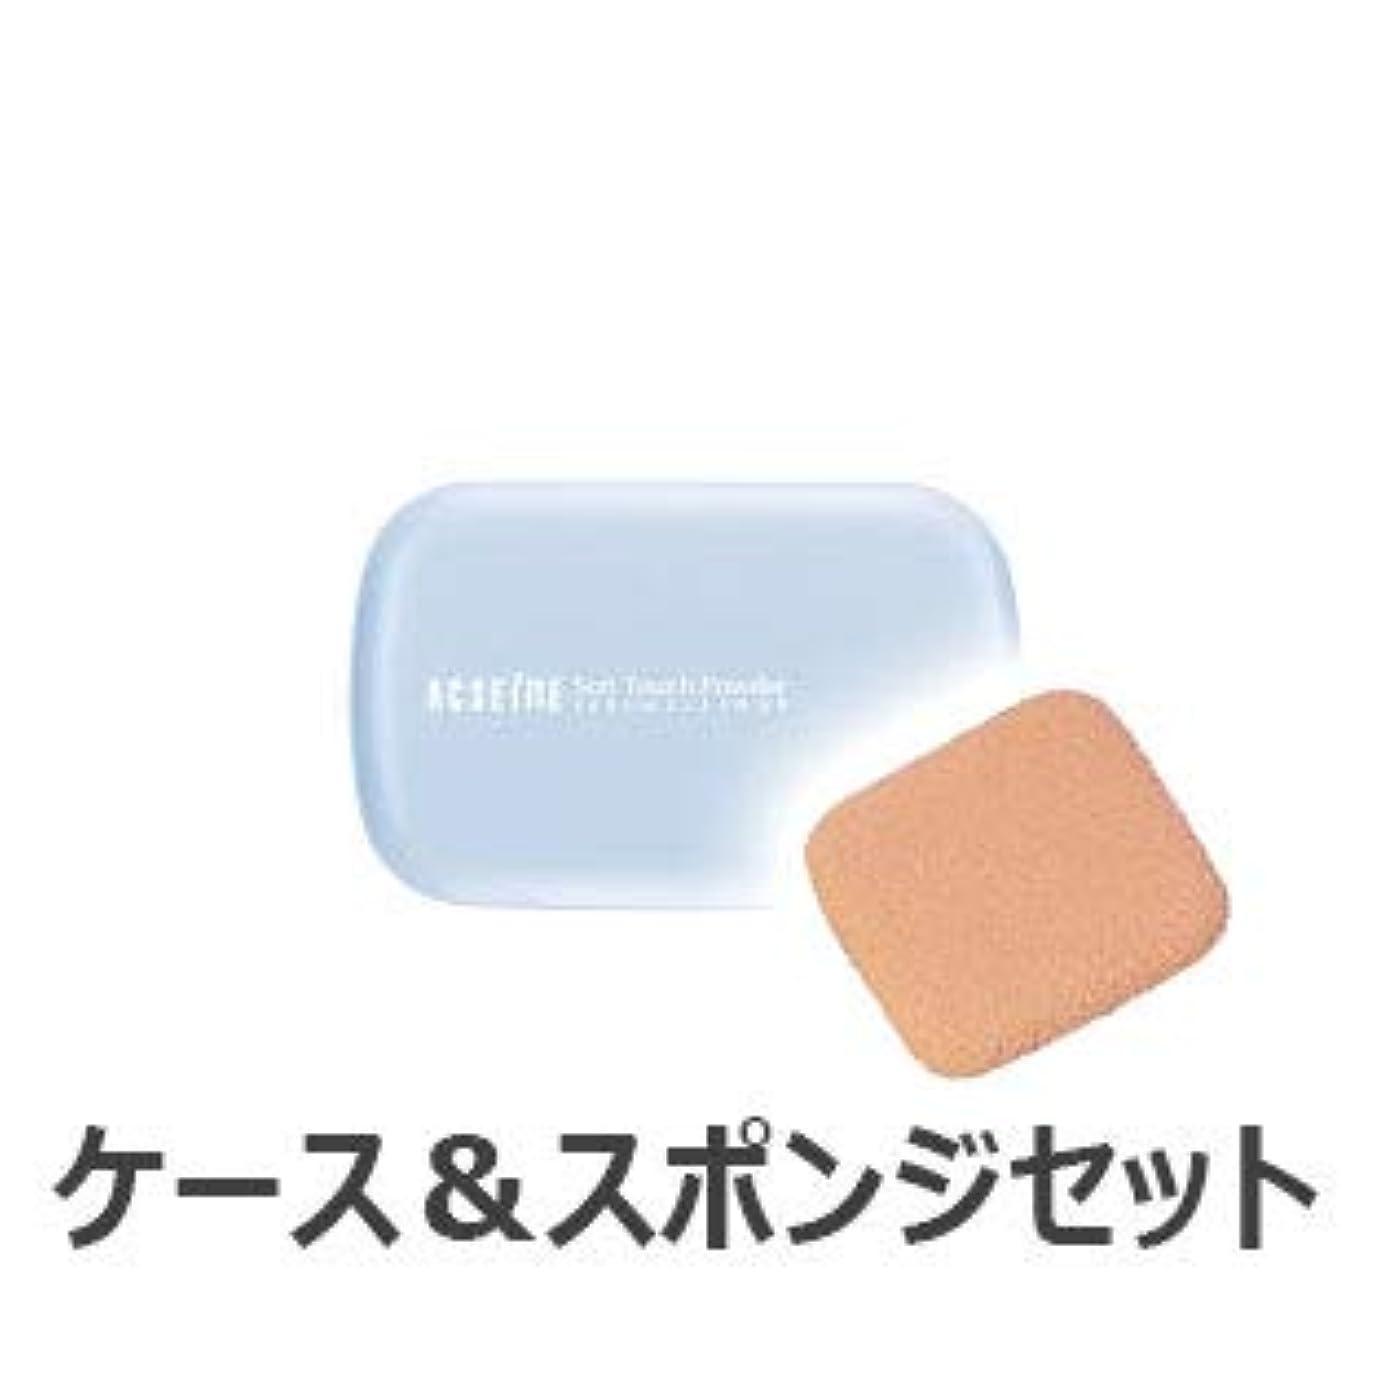 指紋輸血ブラウザアクセーヌ ソフトタッチパウダー ケース(スポンジつき) & 専用スポンジ セット